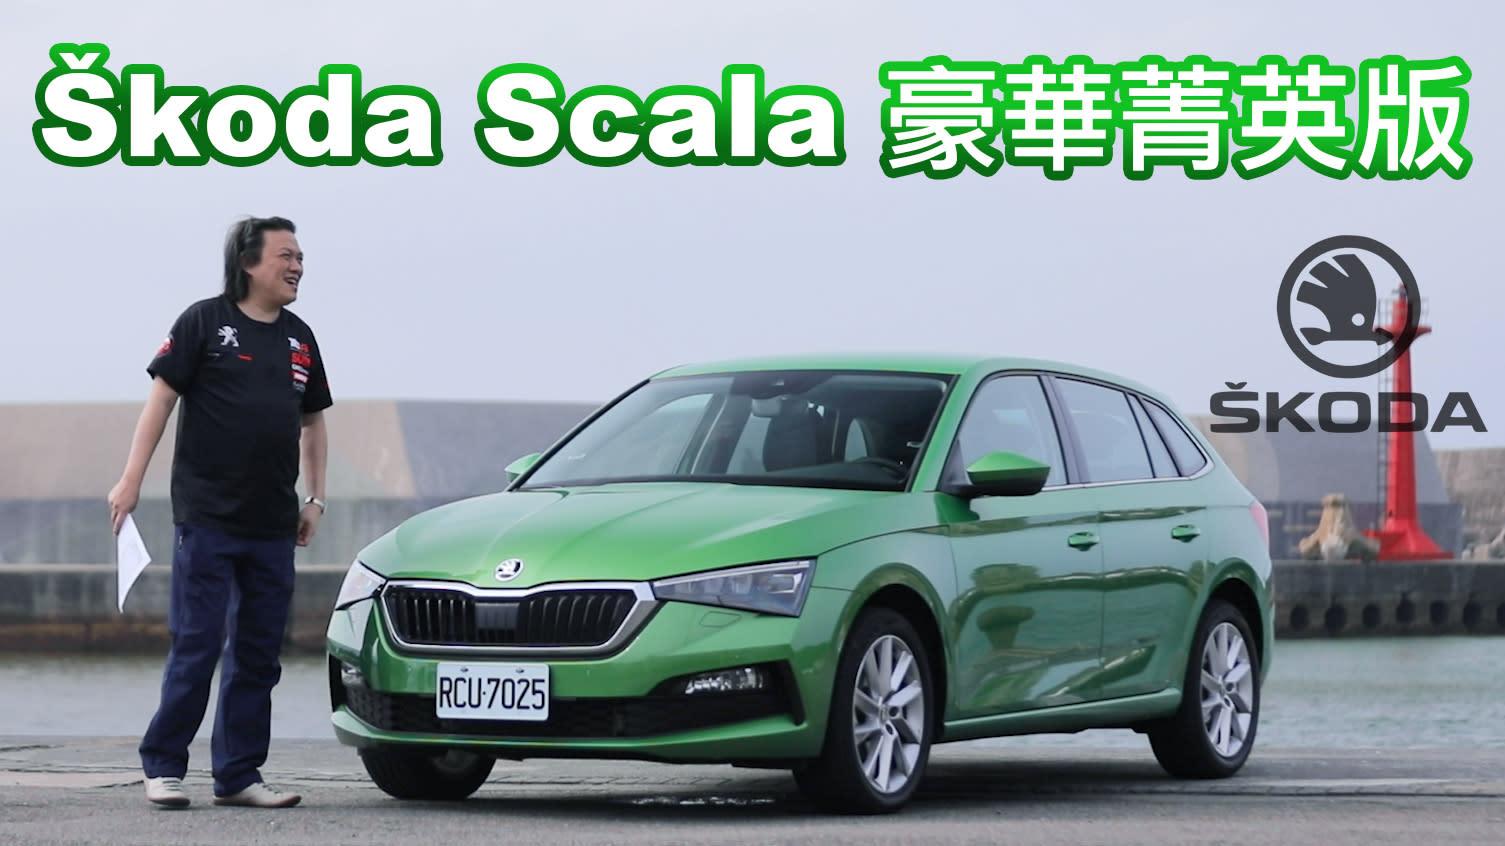 五育均衡!實力派歐系掀背 Škoda Scala 1.5 TSI 豪華菁英版|新車試駕